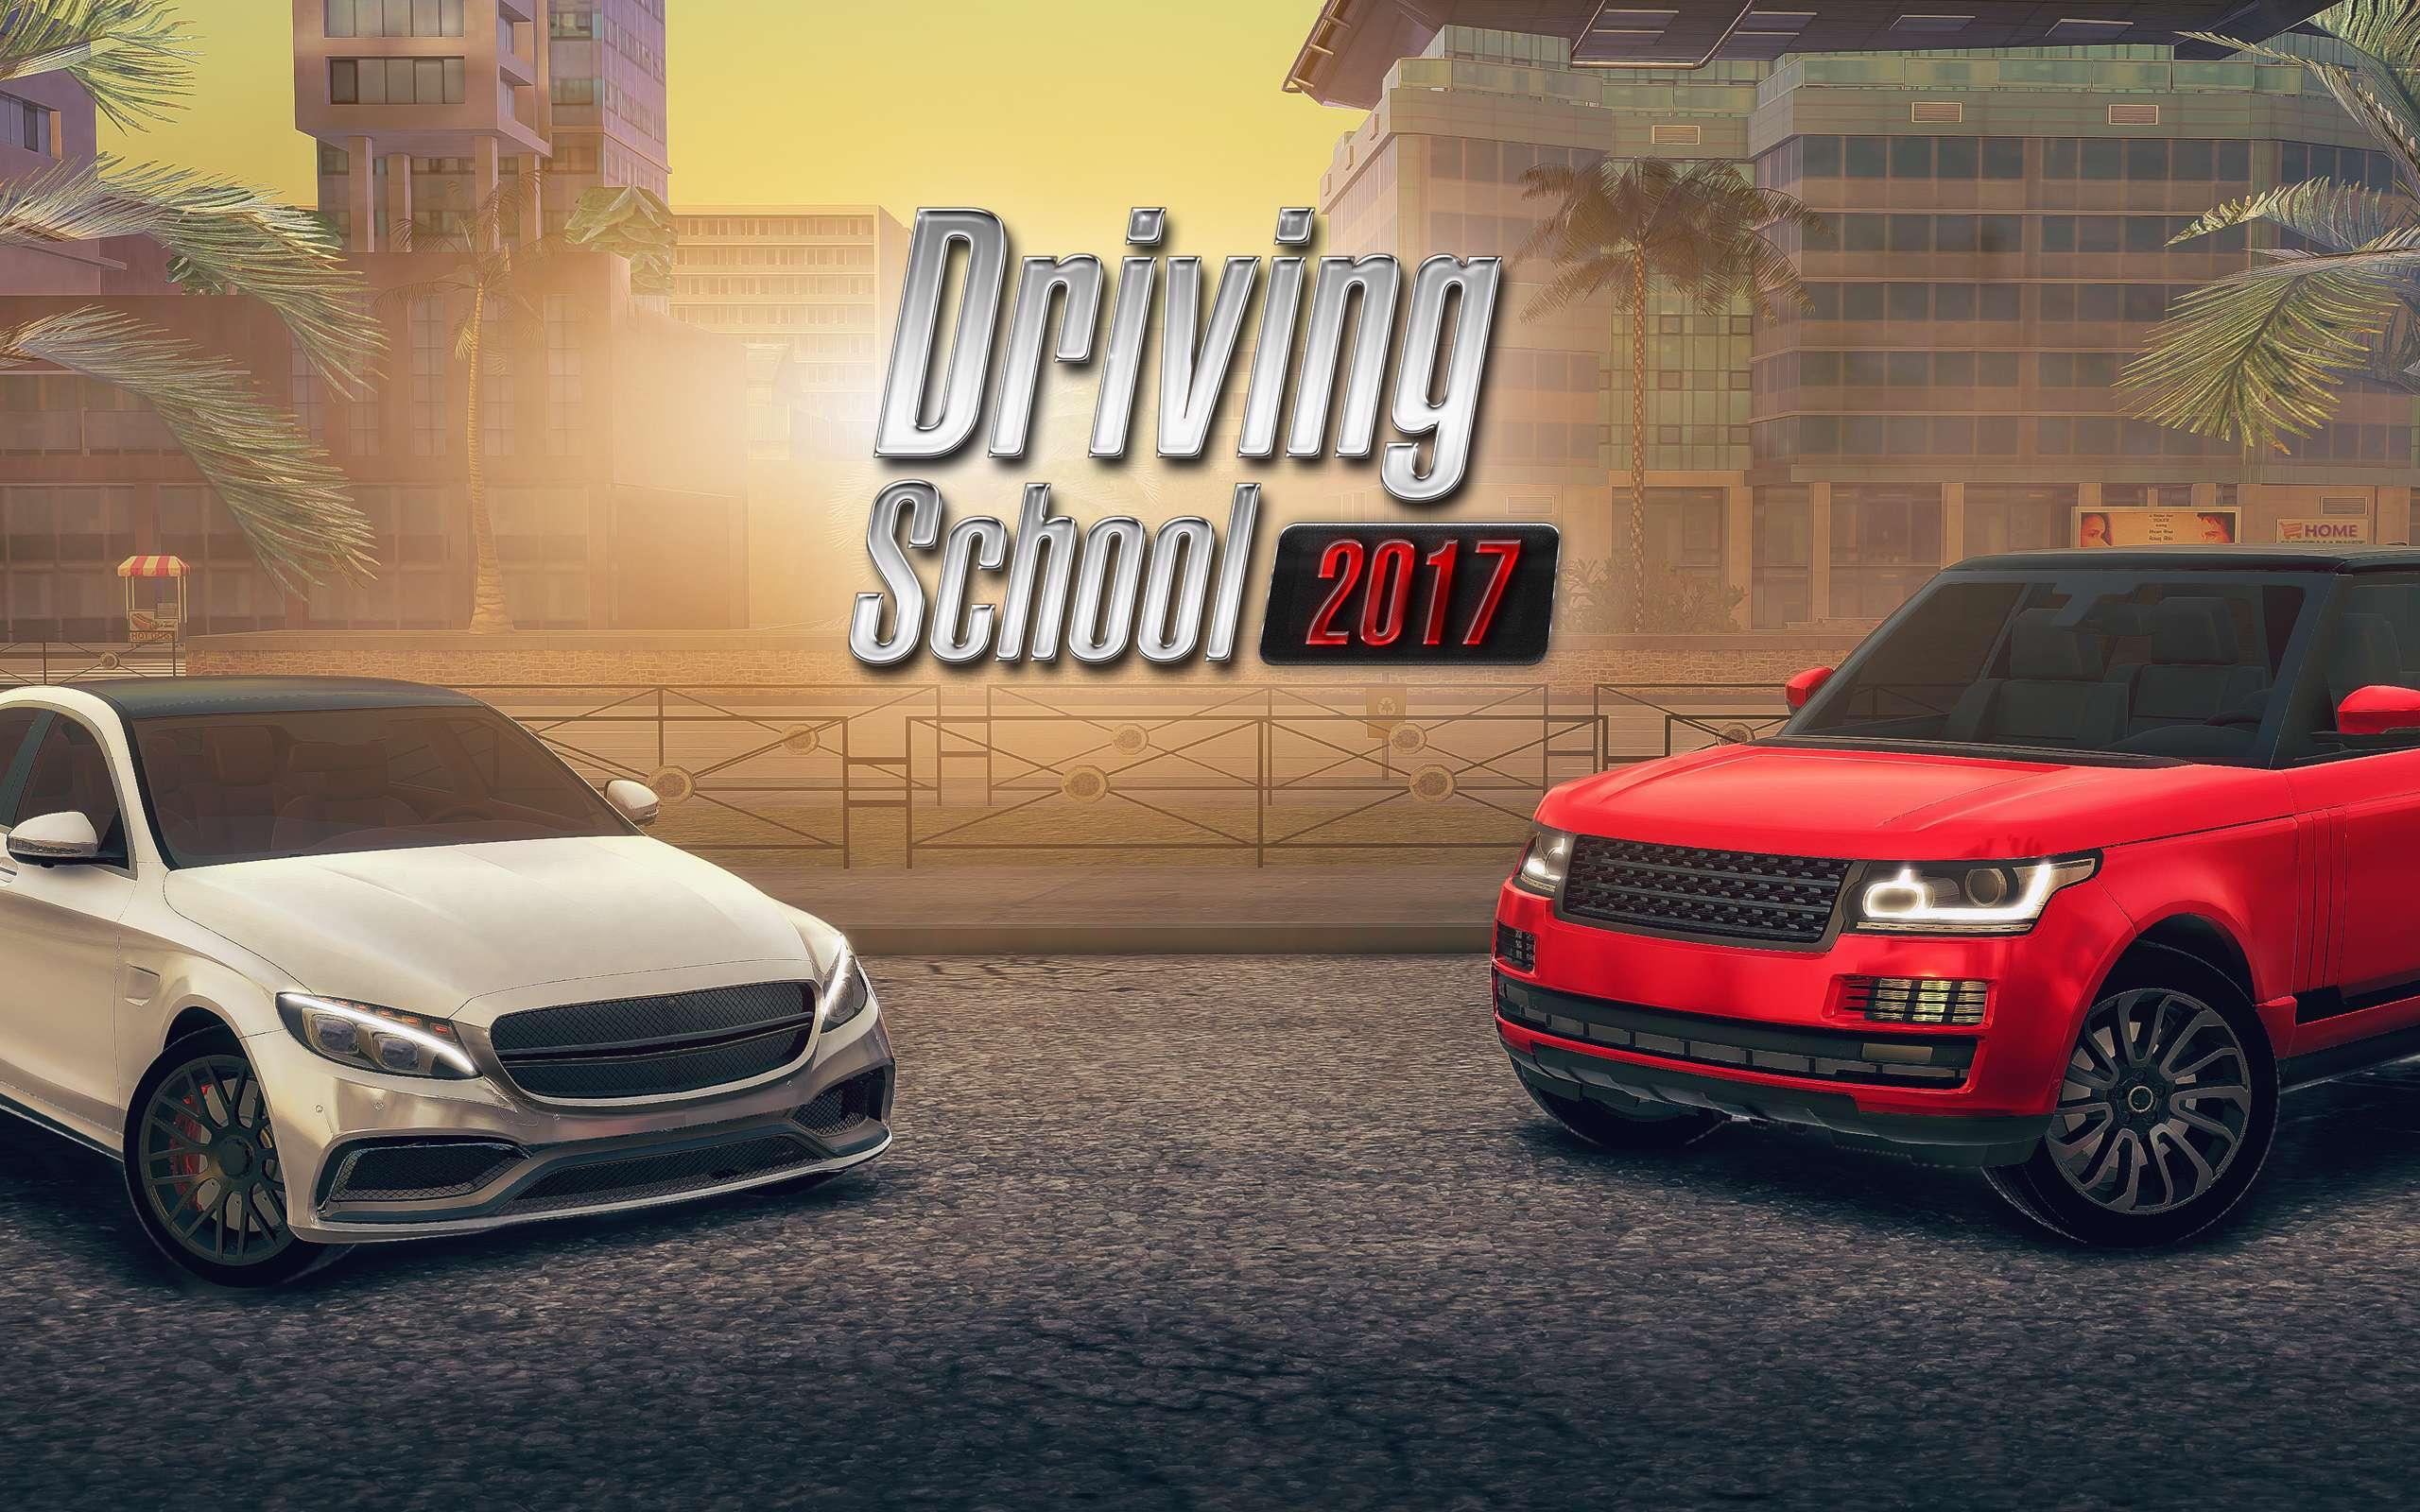 دانلود بازی جذاب کلاس رانندگی Driving School 2017 v1.2.0 برای اندروید